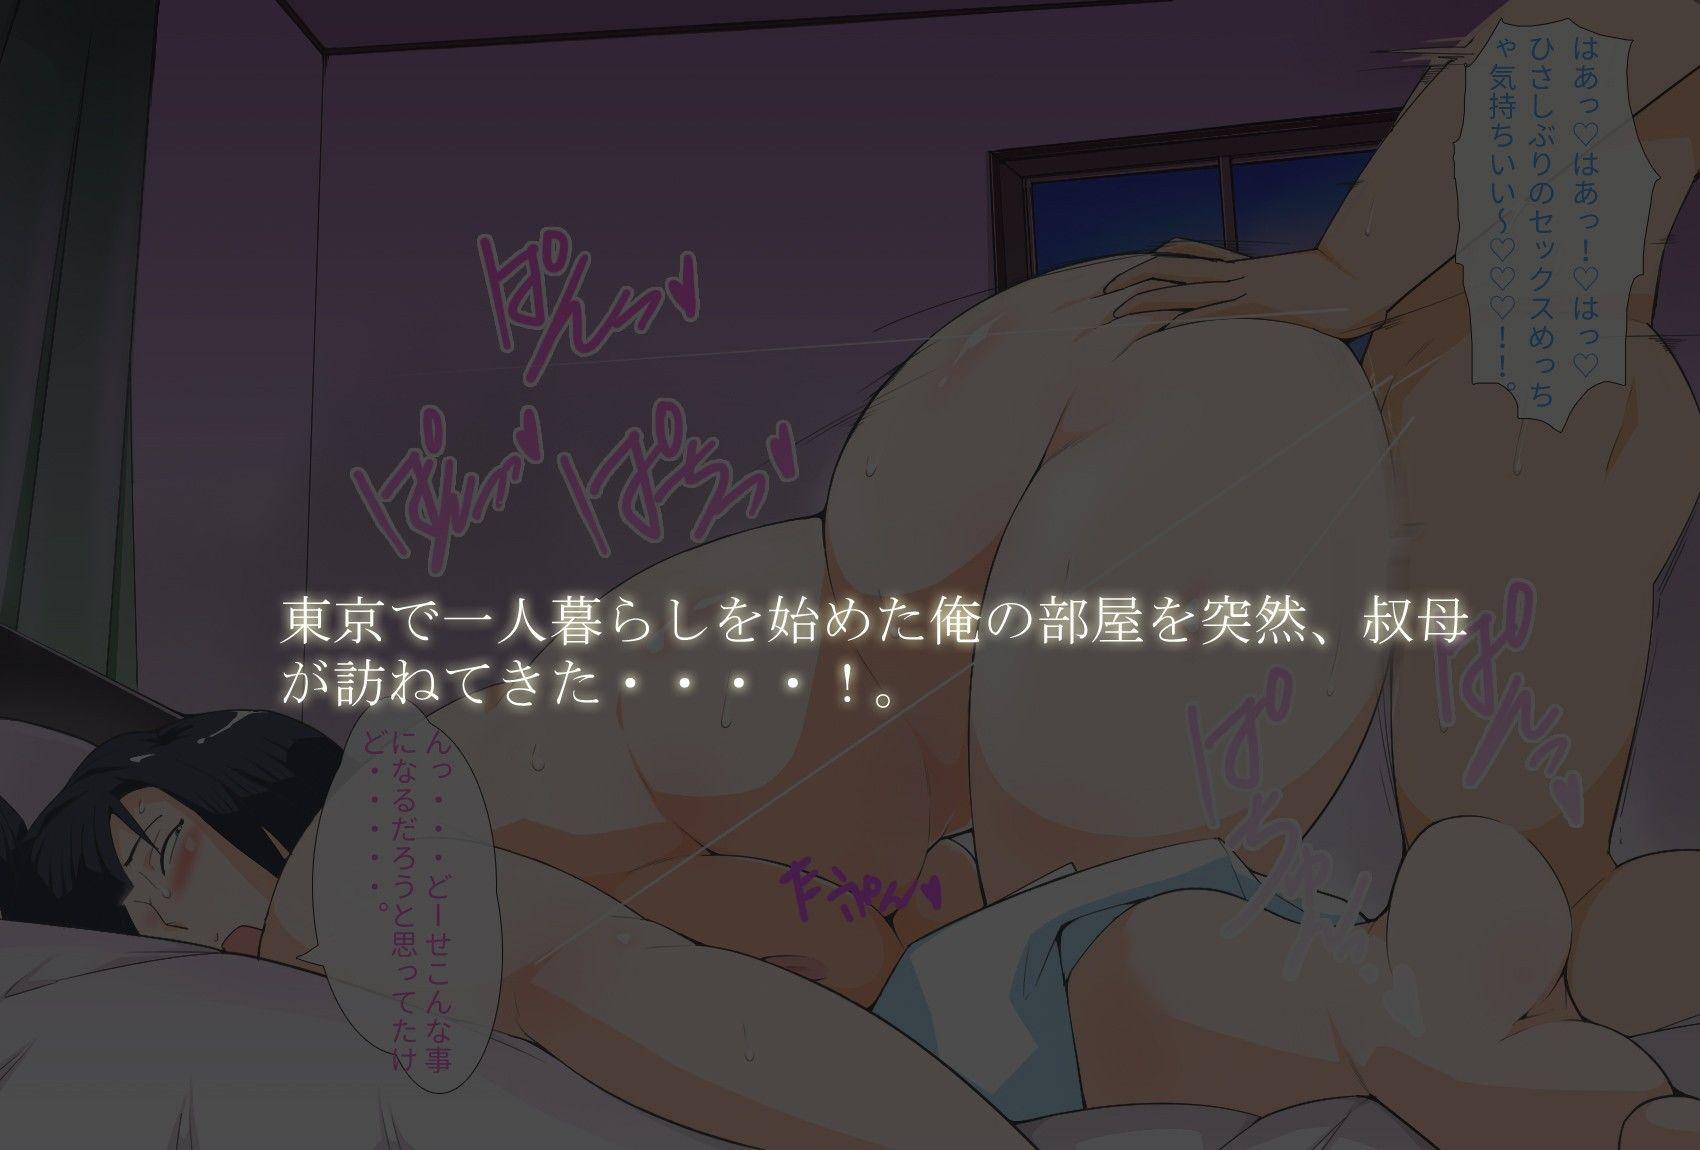 AVアニメなう [今すぐ読める同人サンプル] 「関係を清算しにきた叔母を再び快楽堕ちさせるまで...